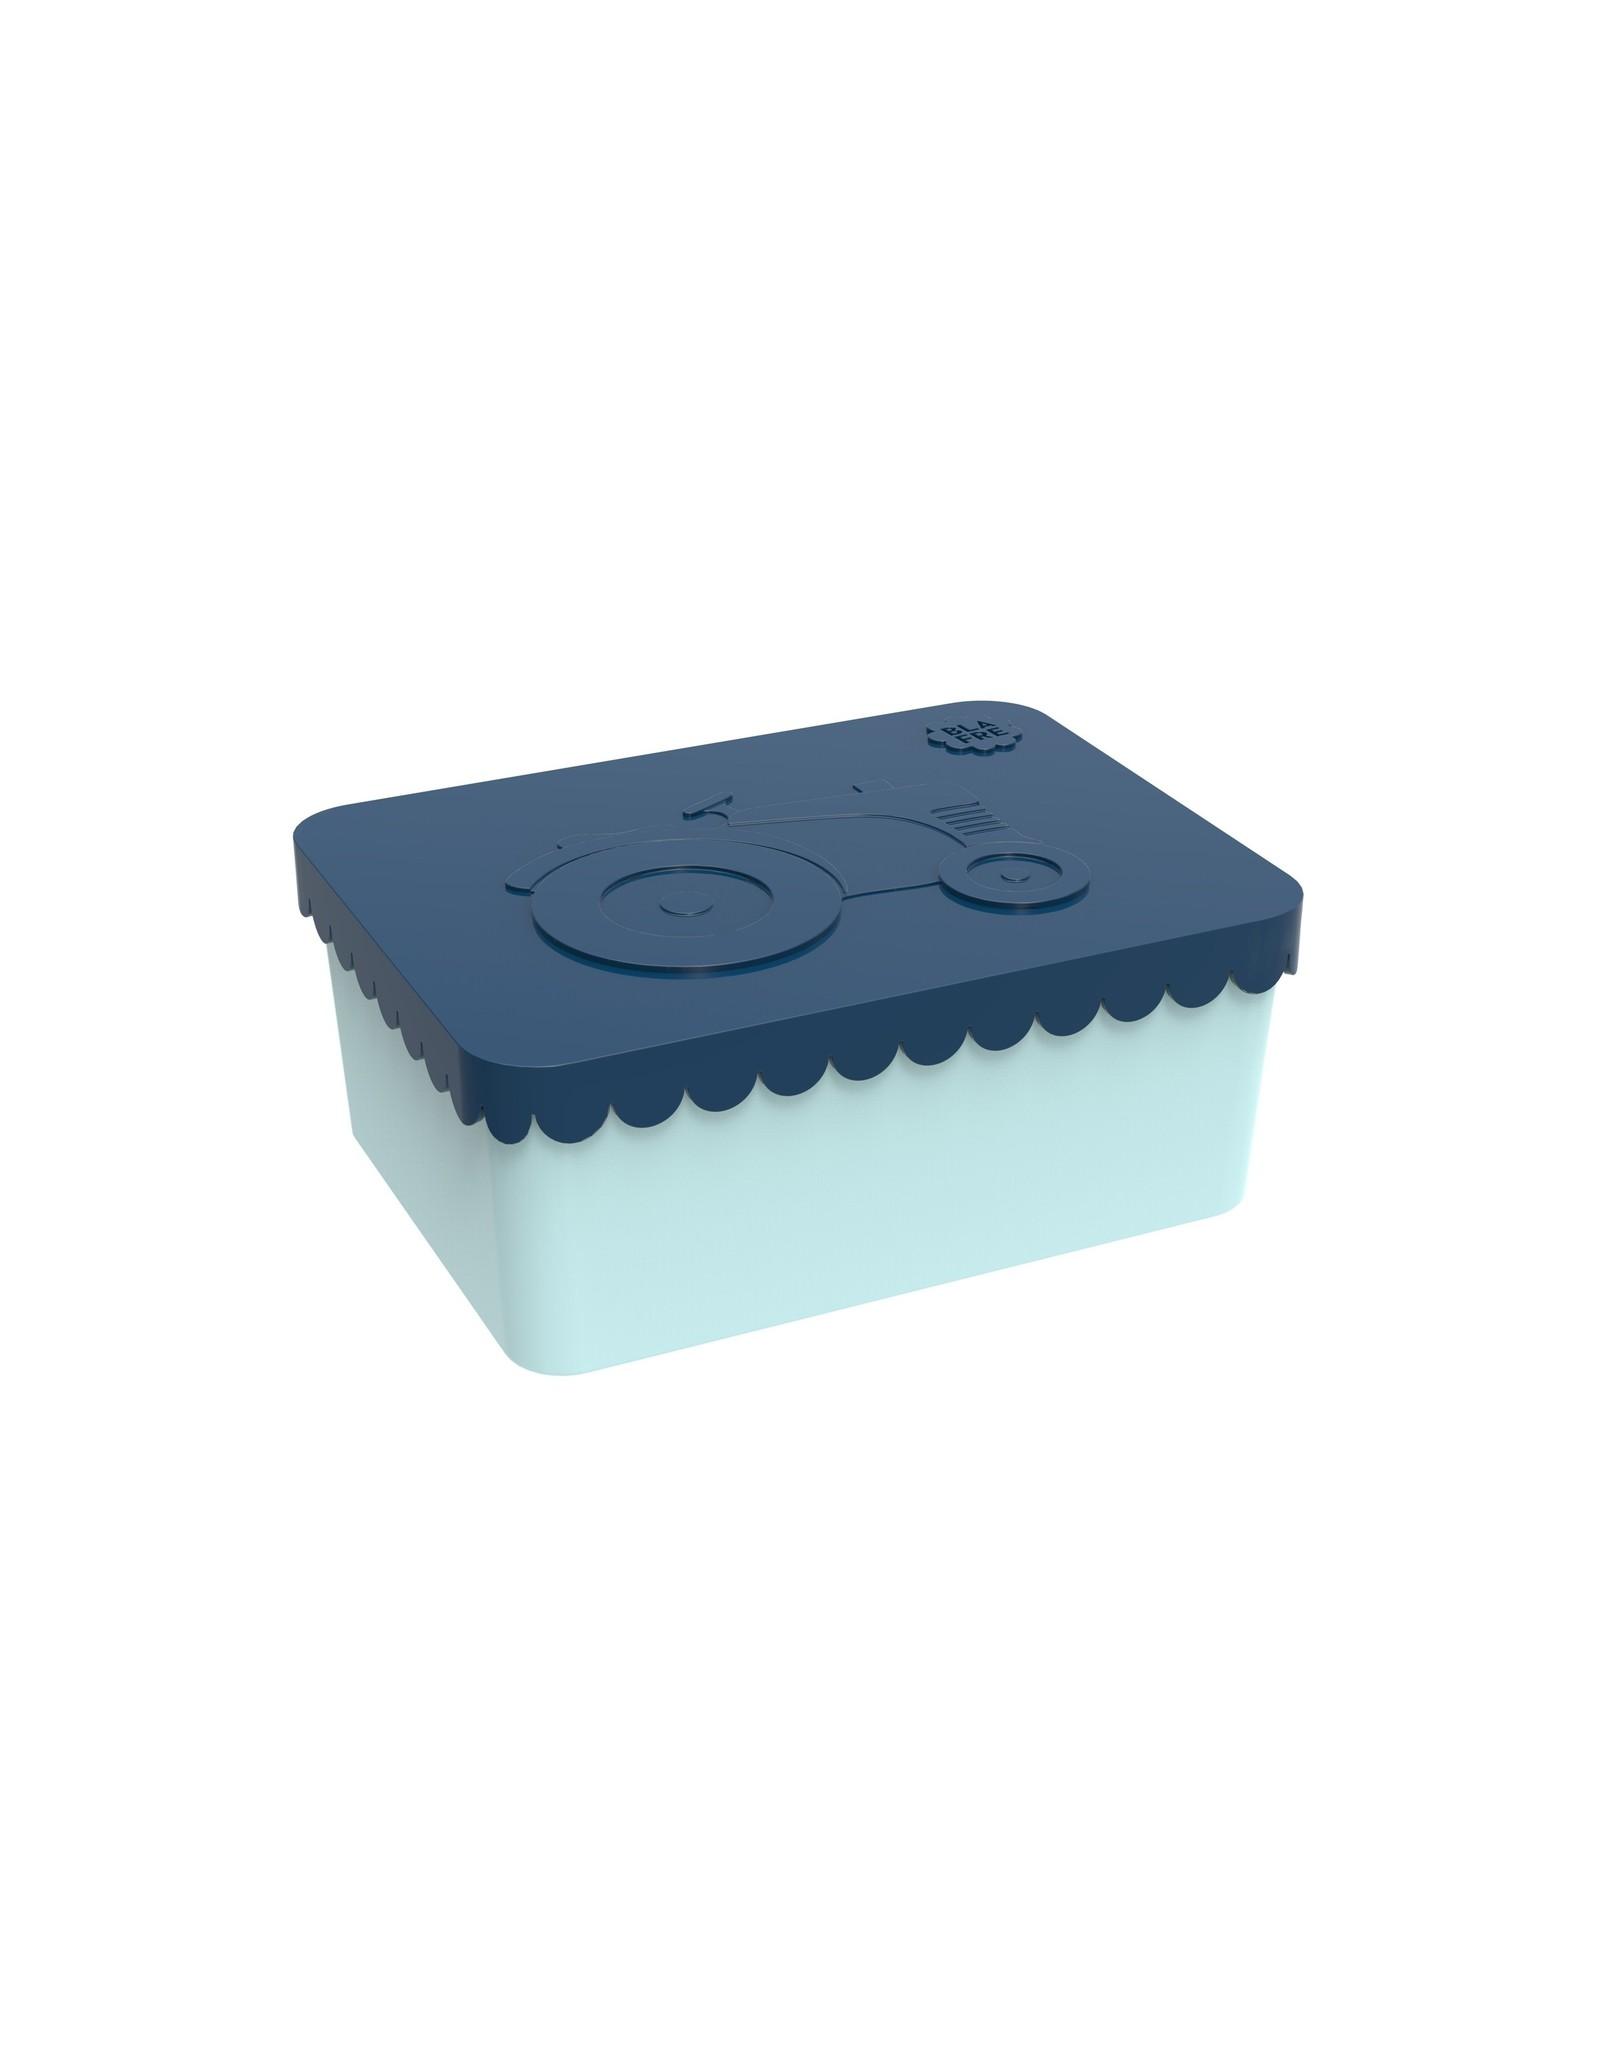 BLAFRE Blafre boîte à lunch 1 compartiment tracteur bleu marine